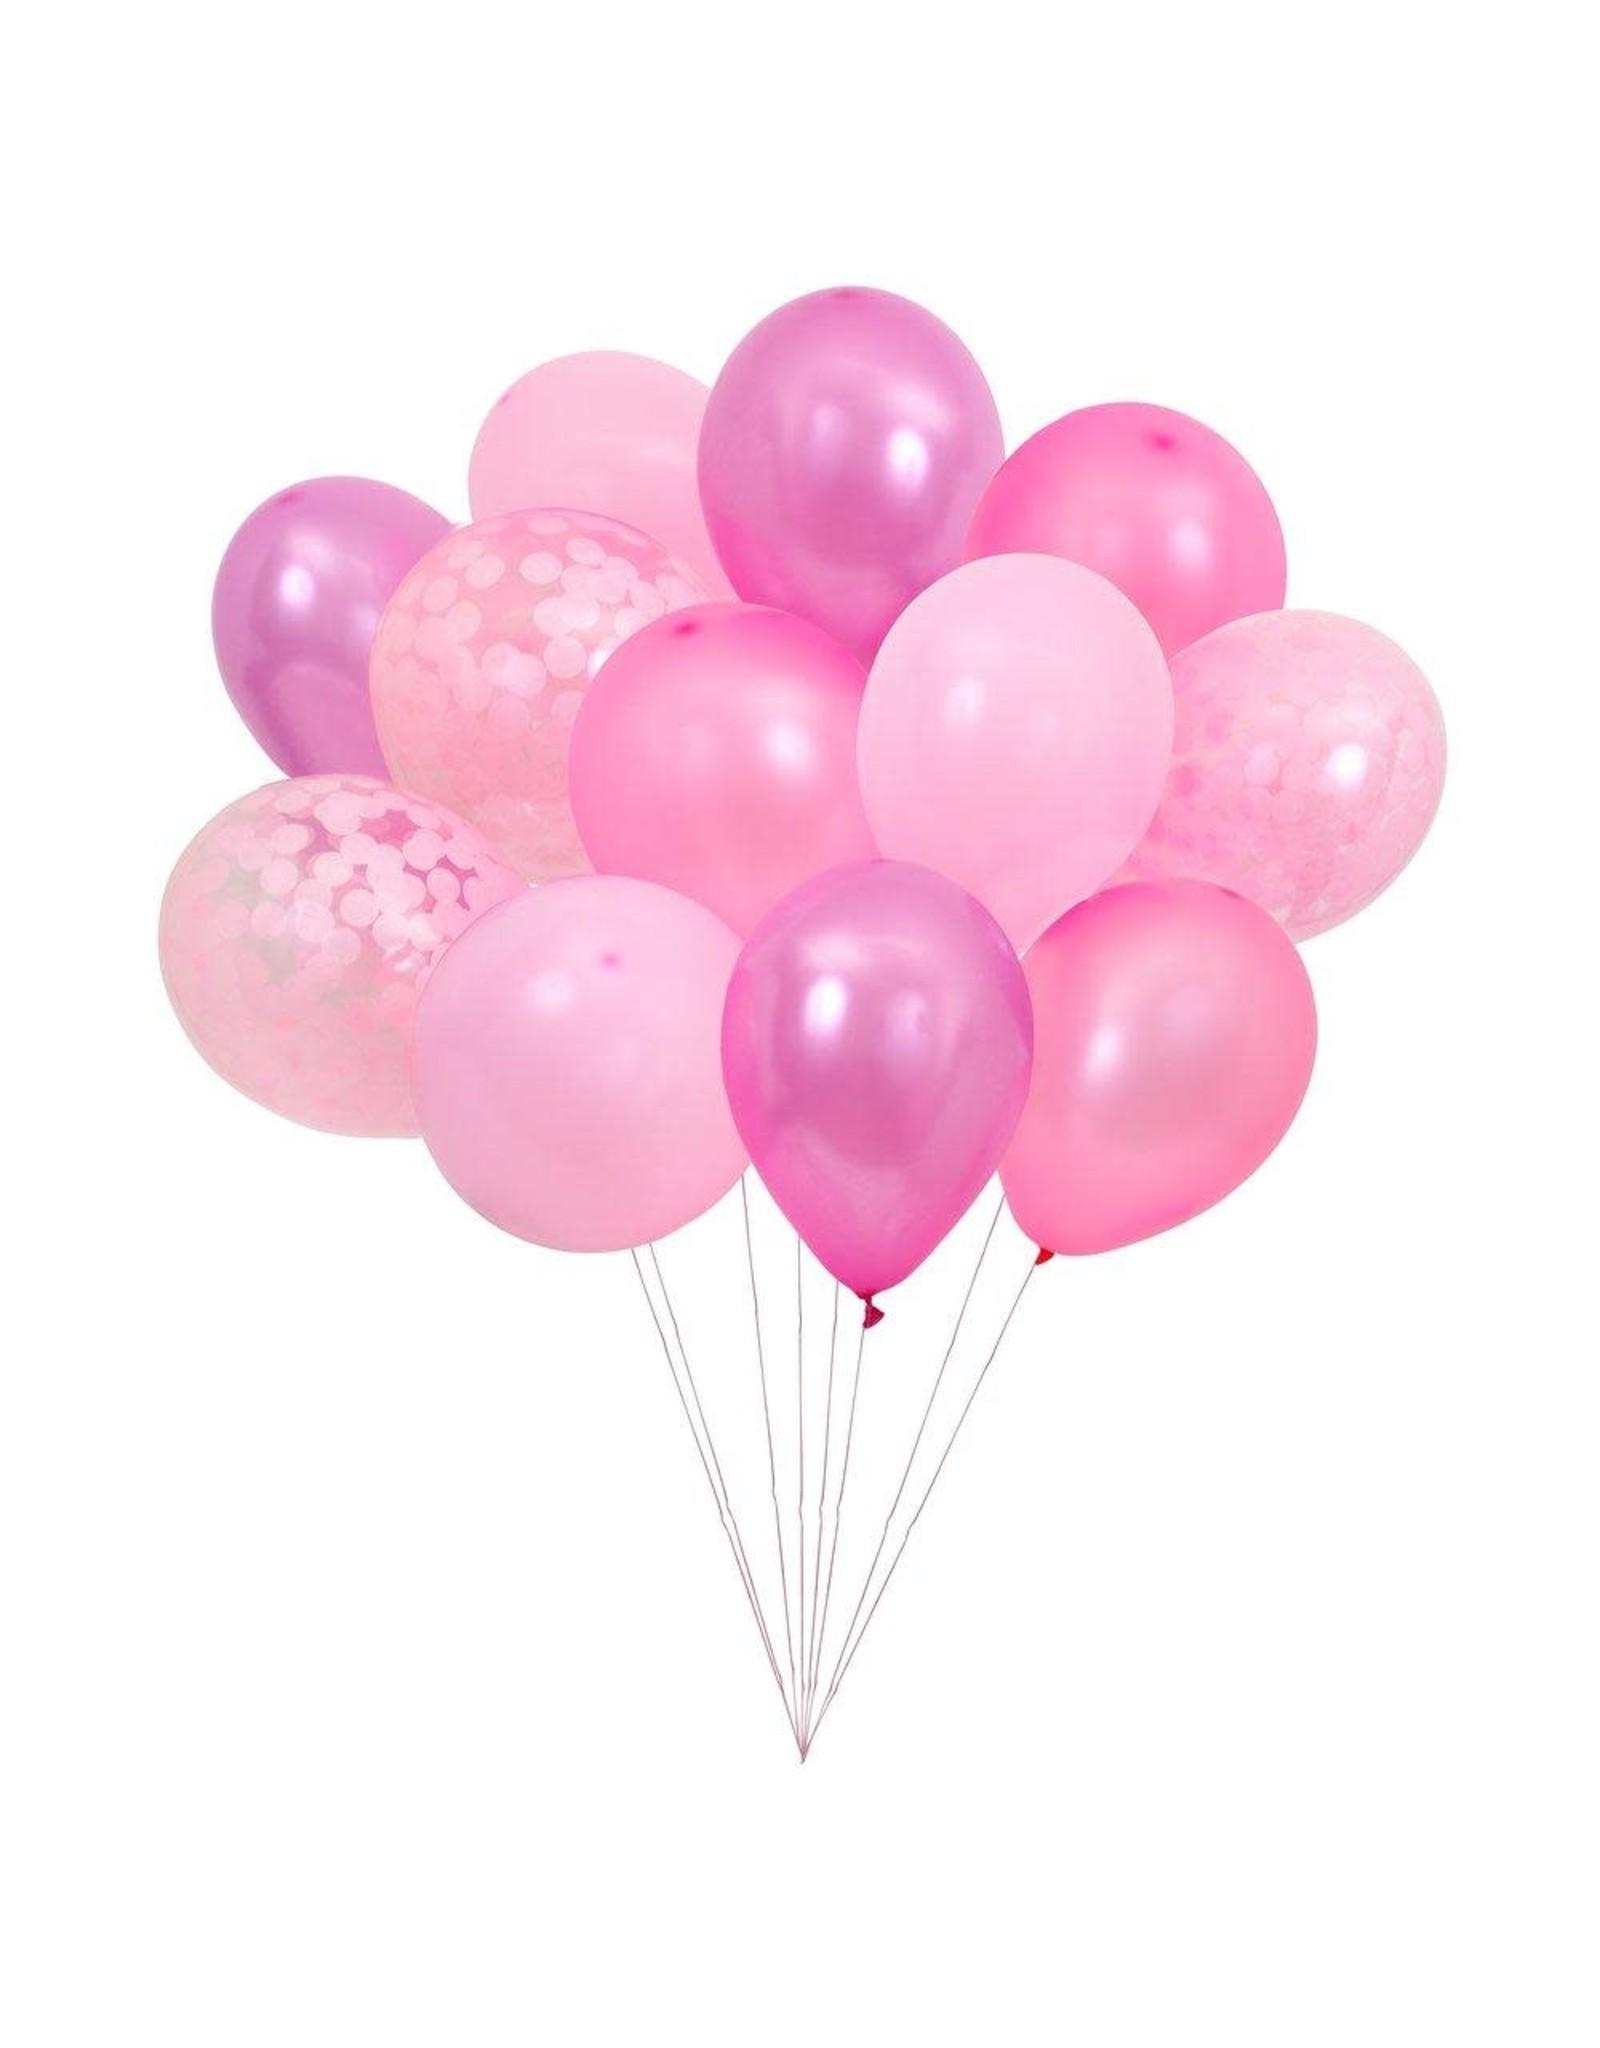 Meri Meri Beautiful Balloons Pink Set of 12